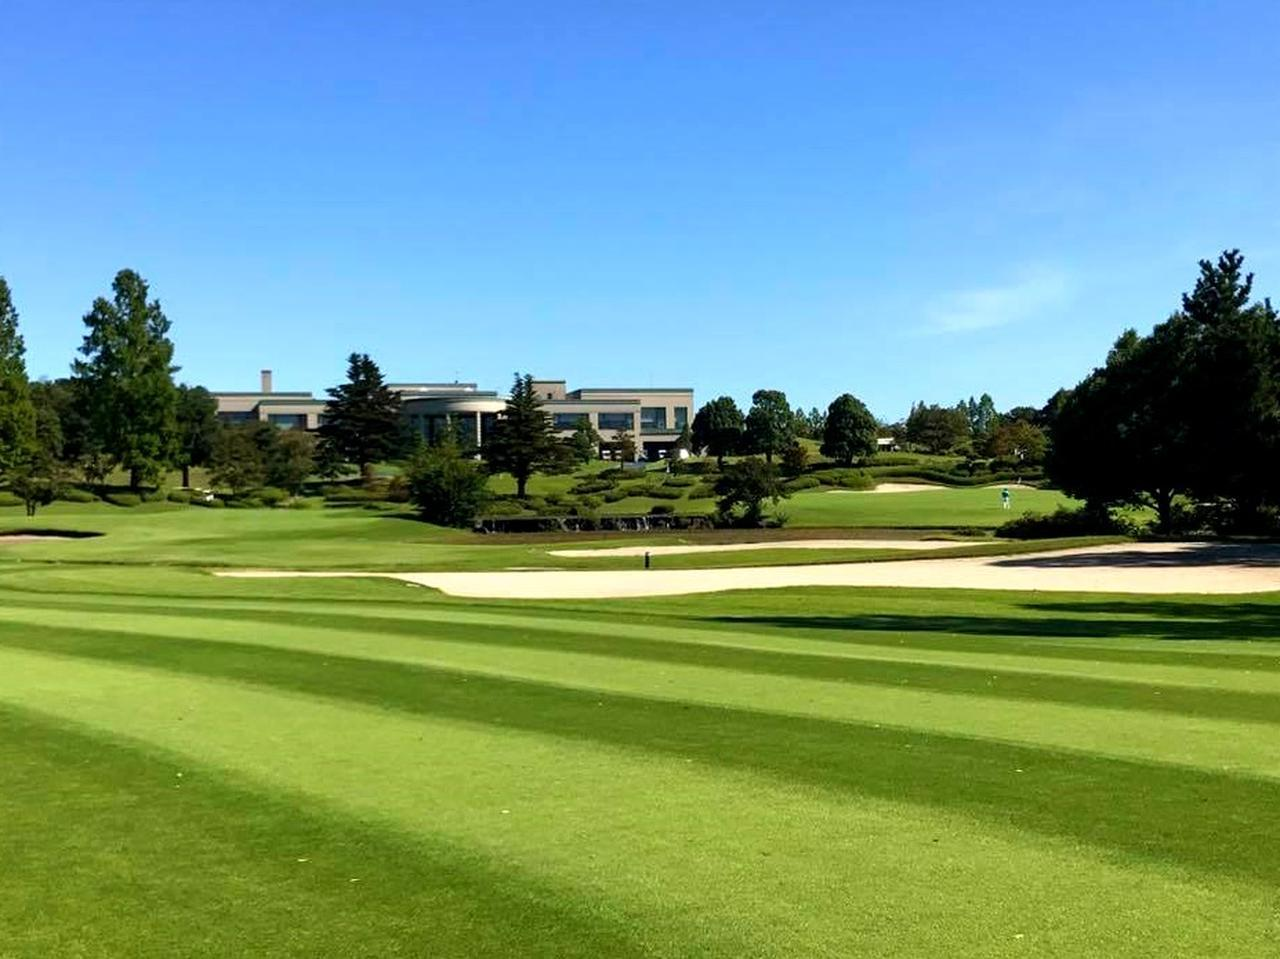 画像3: 石坂ゴルフ倶楽部(18H・7060Y・P72)ネット予約不可のメンバー主体コース